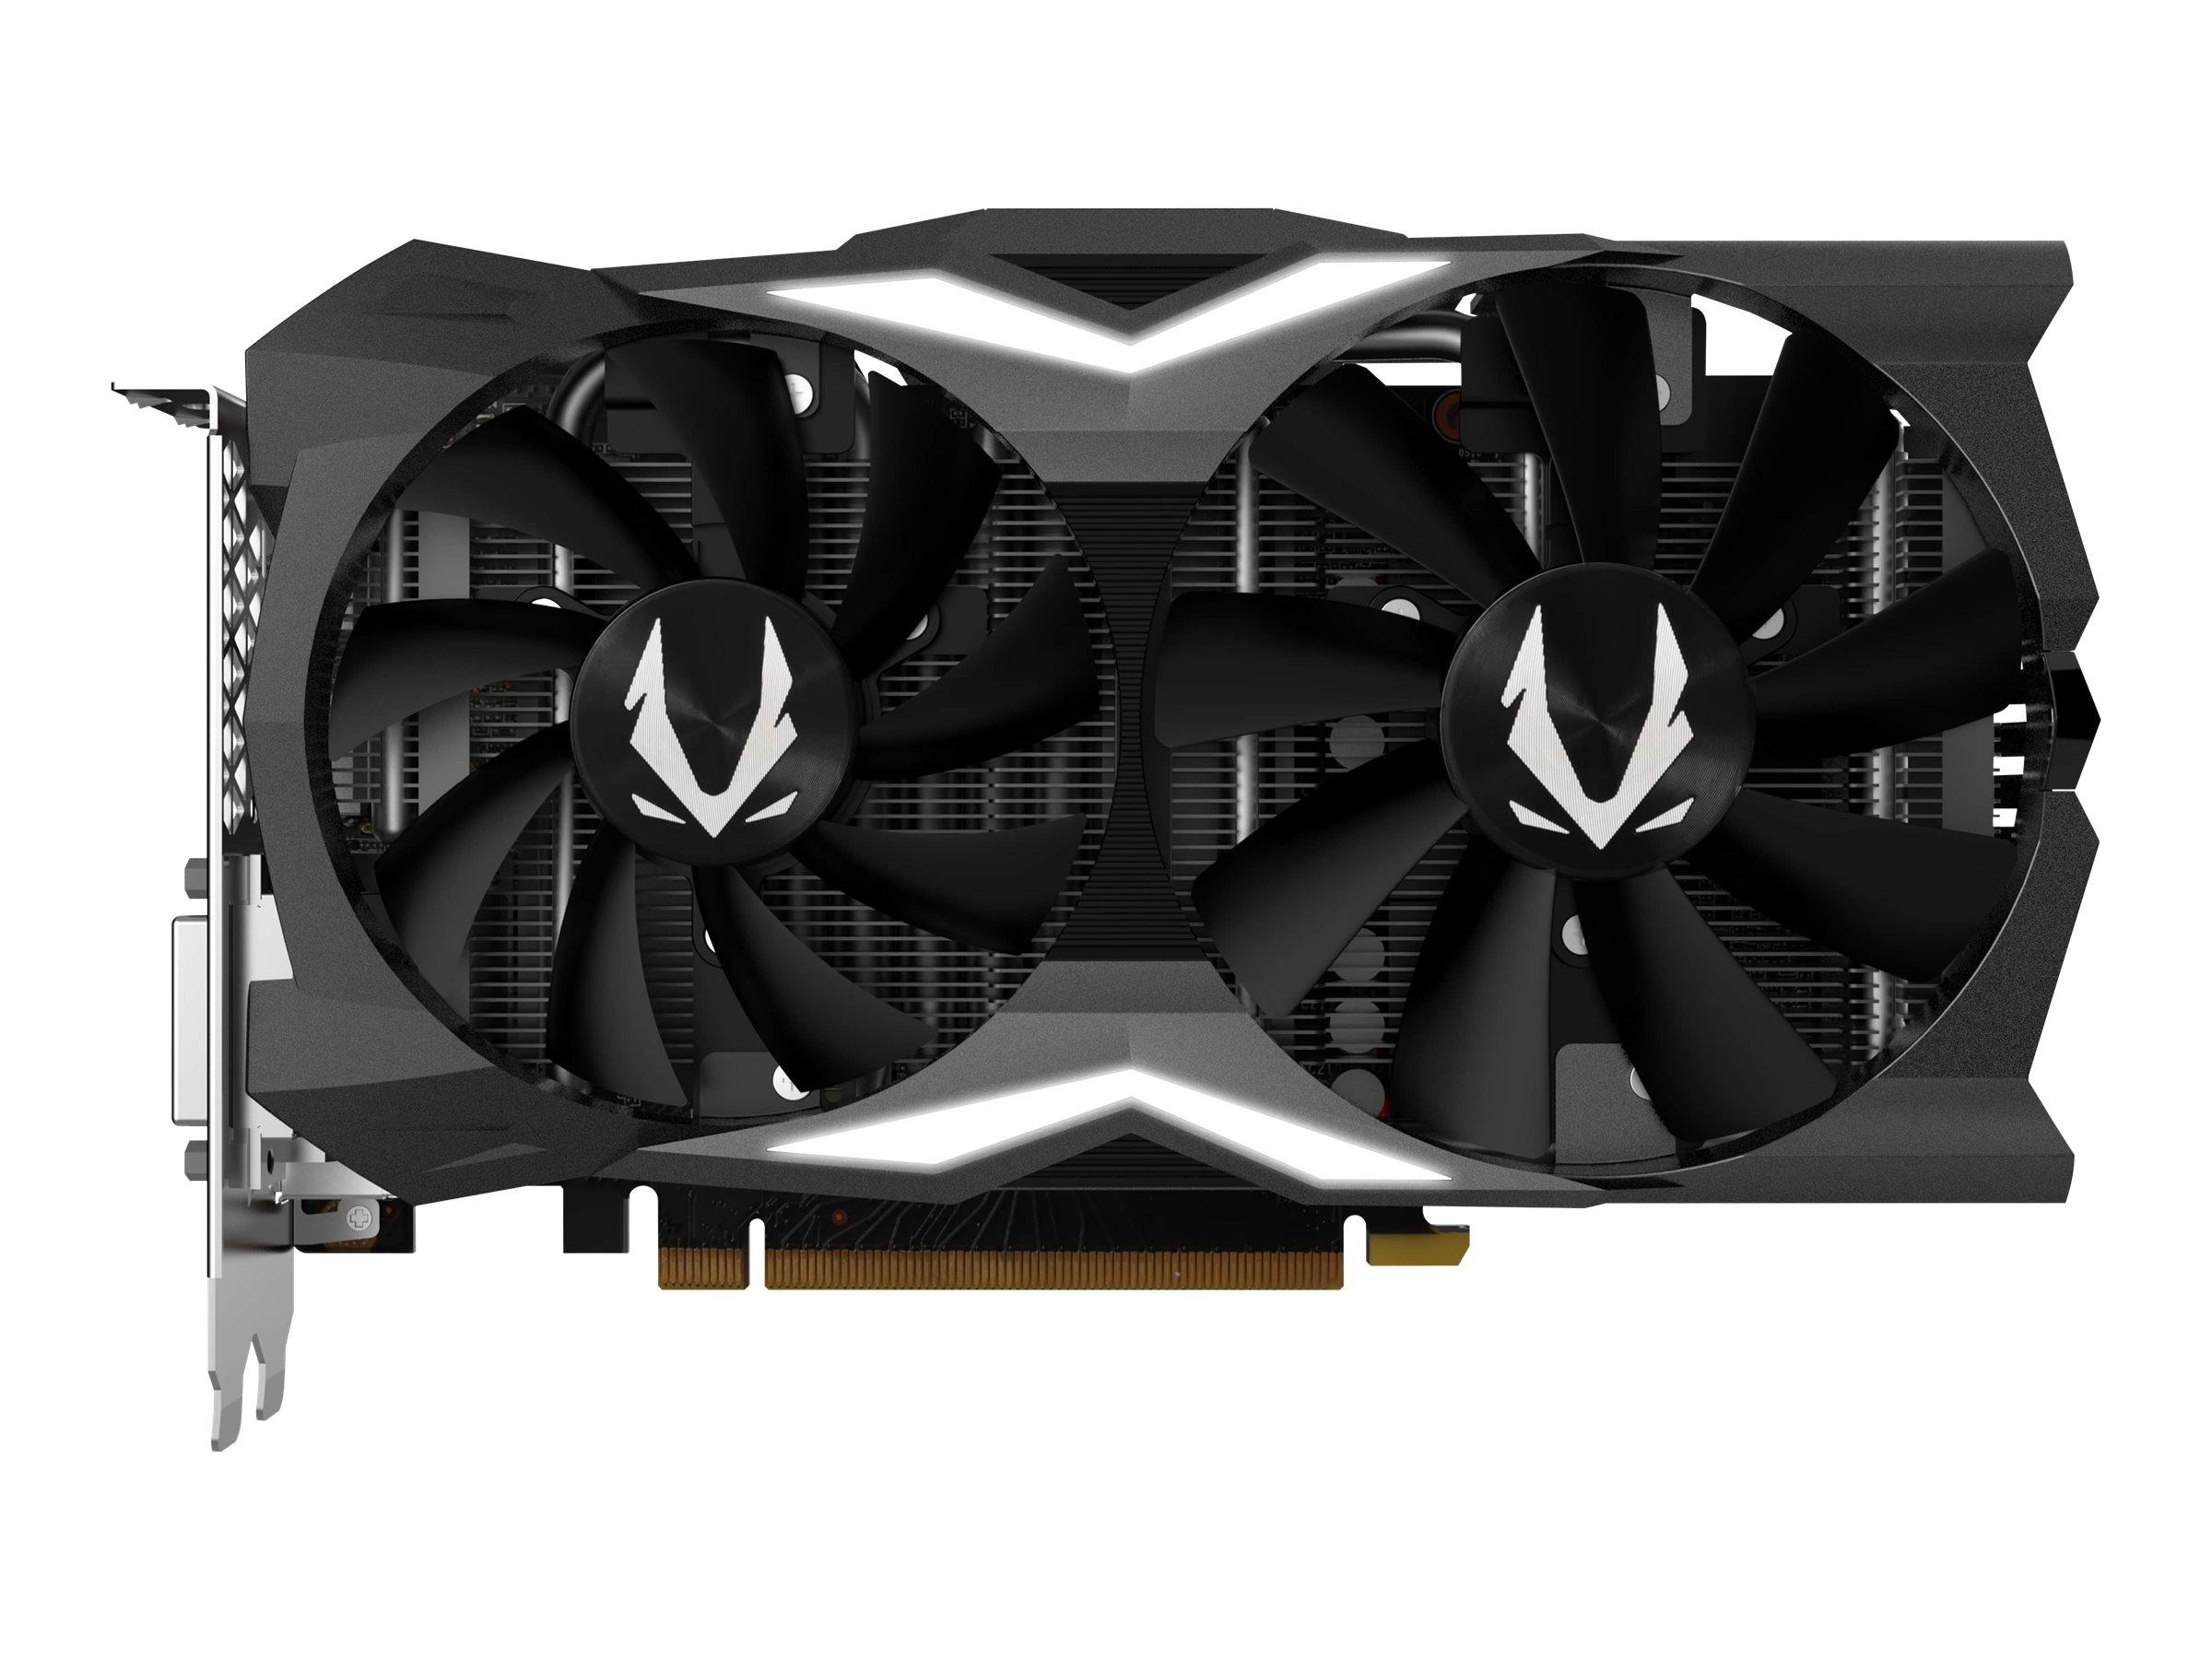 ZOTAC GAMING GeForce RTX 2070 MINI - Grafikkarten - GF RTX 2070 - 8 GB GDDR6 - PCIe 3.0 x16 - DVI, HDMI, 3 x DisplayPort